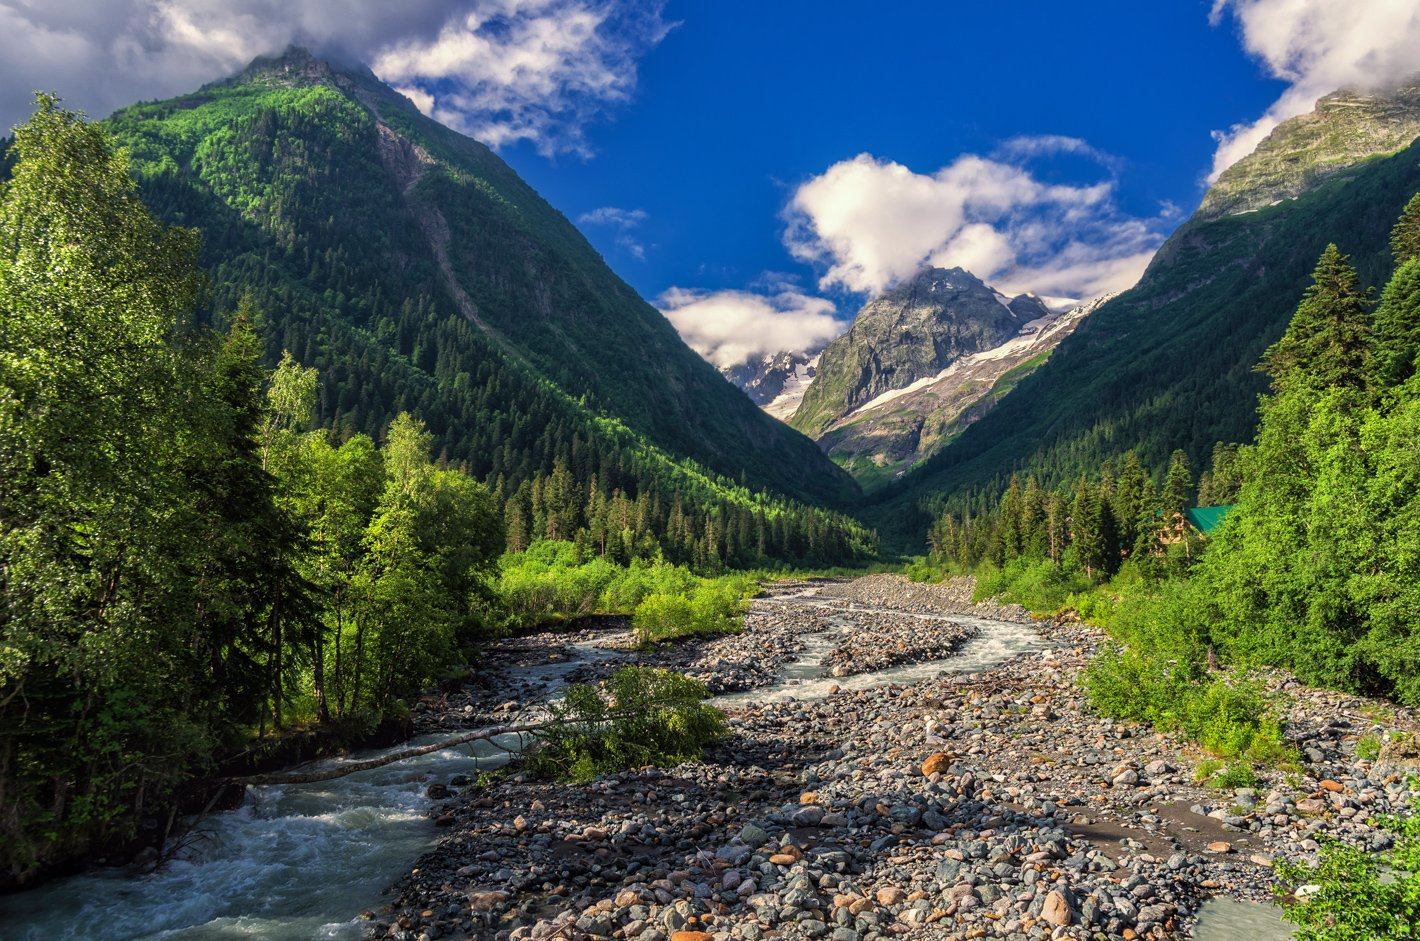 пейзажи карачаево черкесии фото кусочек природы обстановку